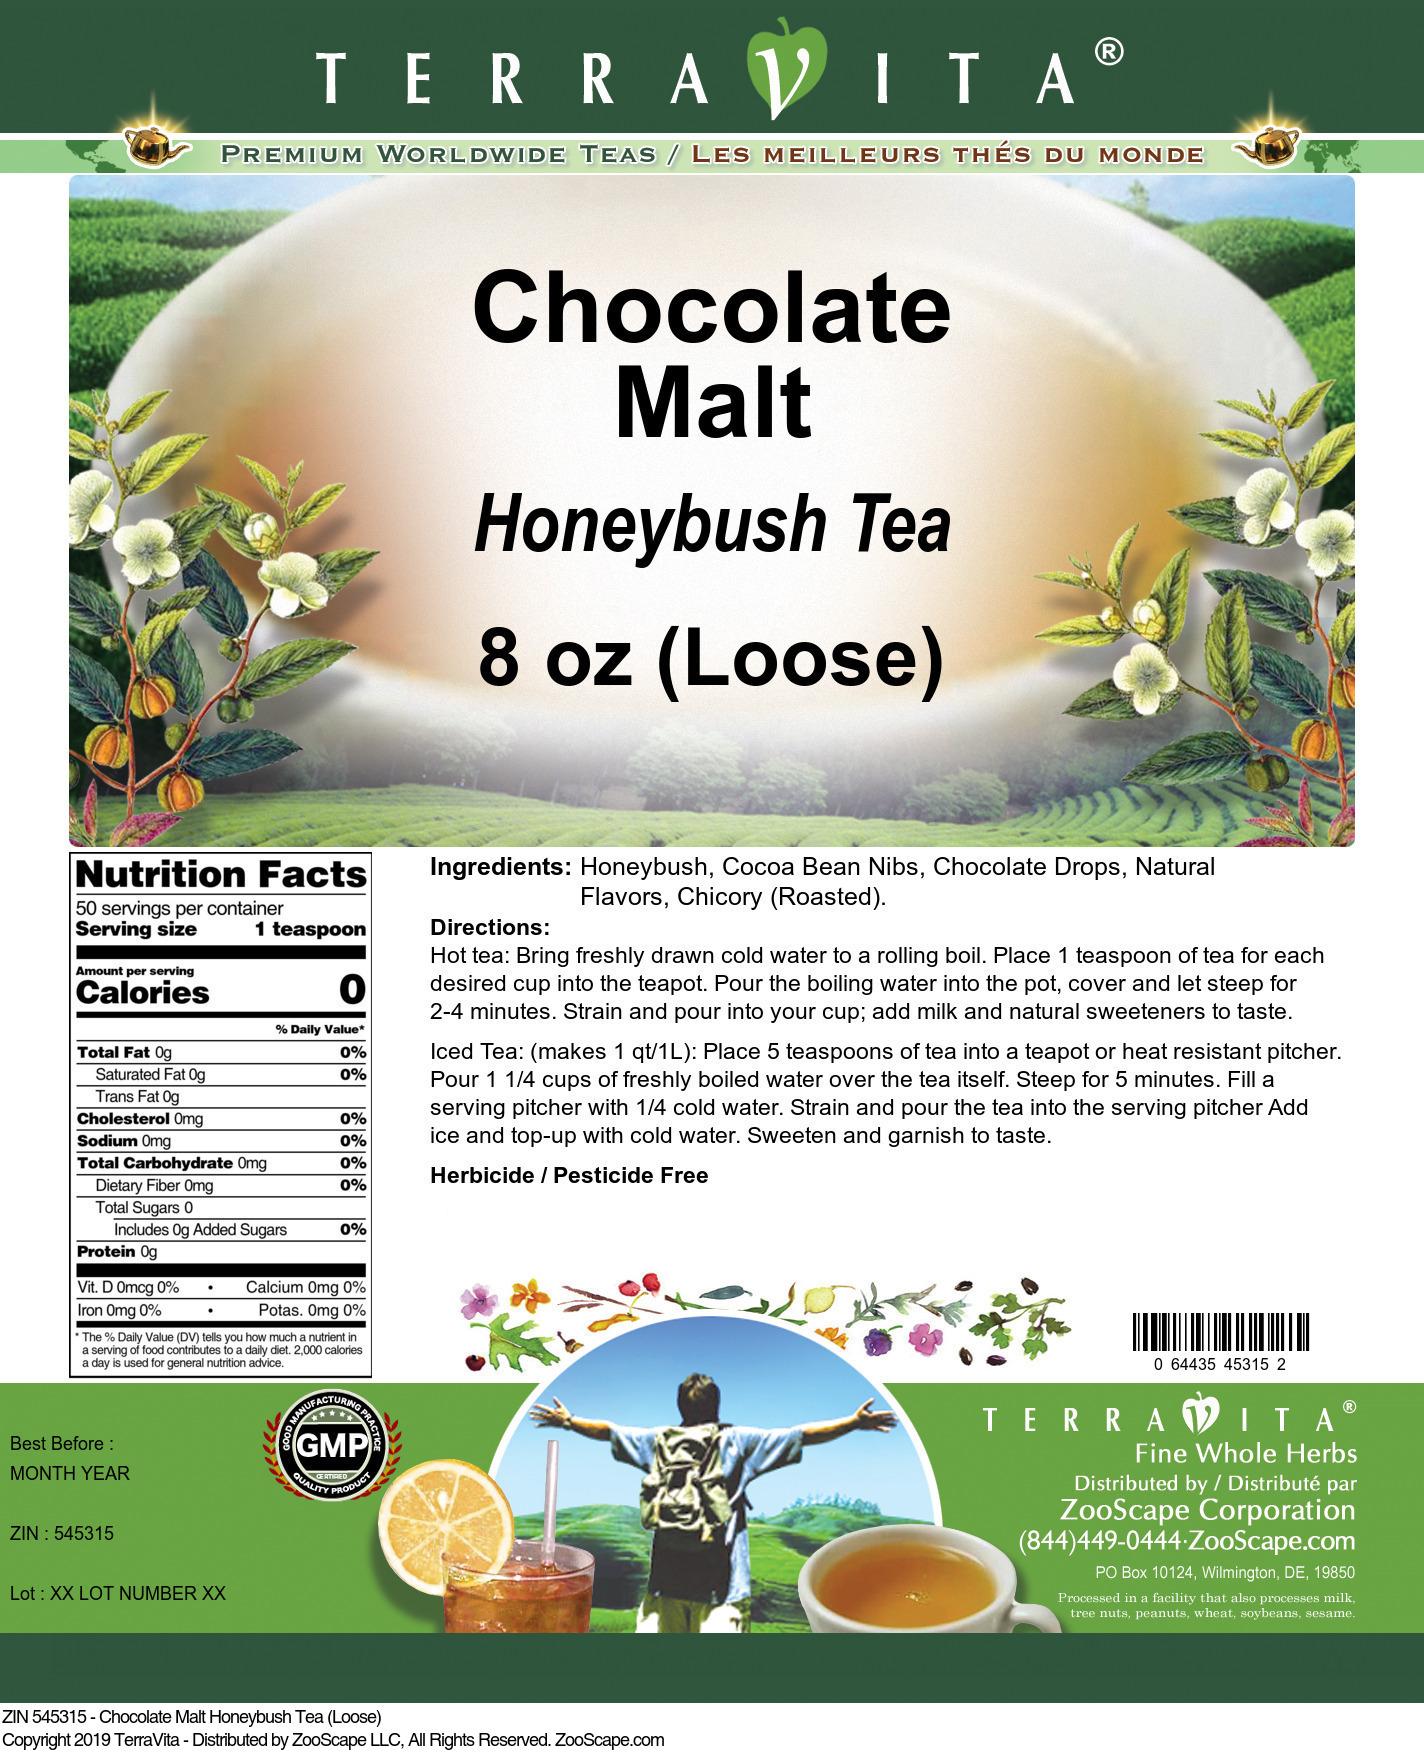 Chocolate Malt Honeybush Tea (Loose)